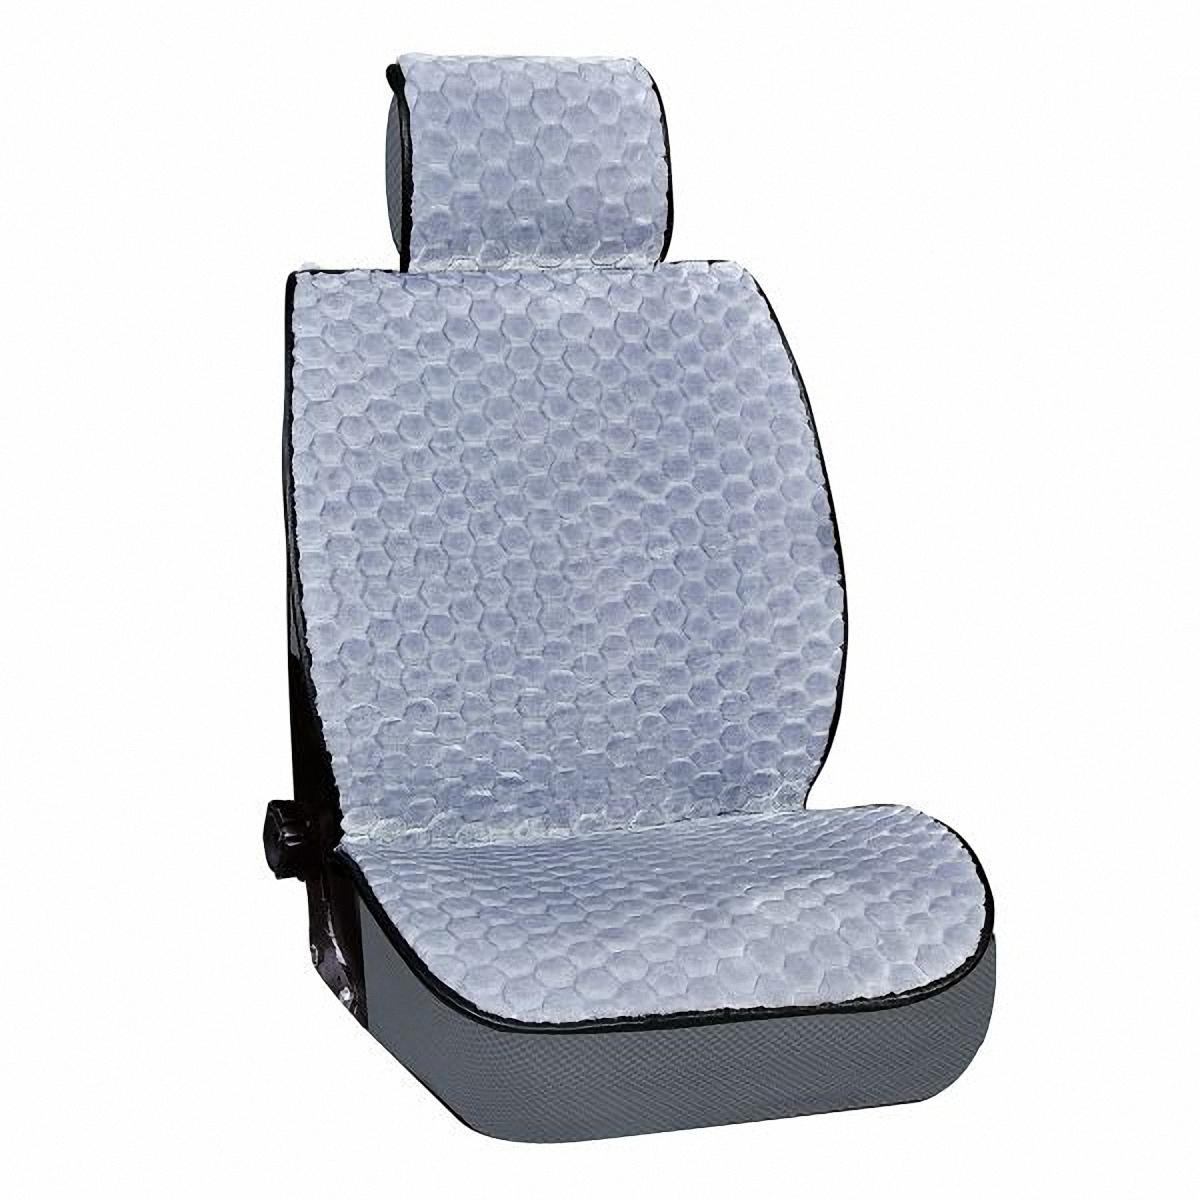 Накидка на сиденье Skyway, цвет: серый. S03001021Ветерок 2ГФНакидка на сиденье Skyway - это изящное сочетание стиля и качества. Выполненные из искусственного меха они расслабляют мышцы спины при поездке, благотворно влияя на позвоночник. Так просто получить ощущение легкого массажа. С ними салон становится уютнее, а сами сидения - удобнее.